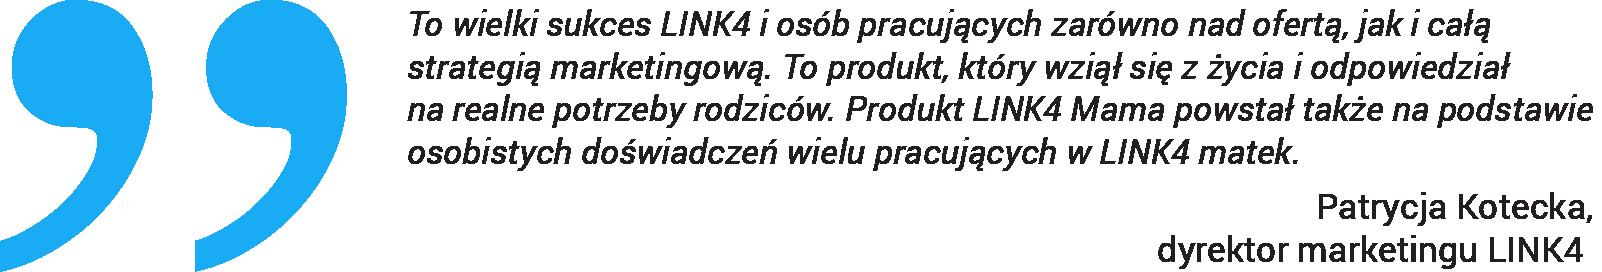 Linia produktów Link4 Mama nagrodzona